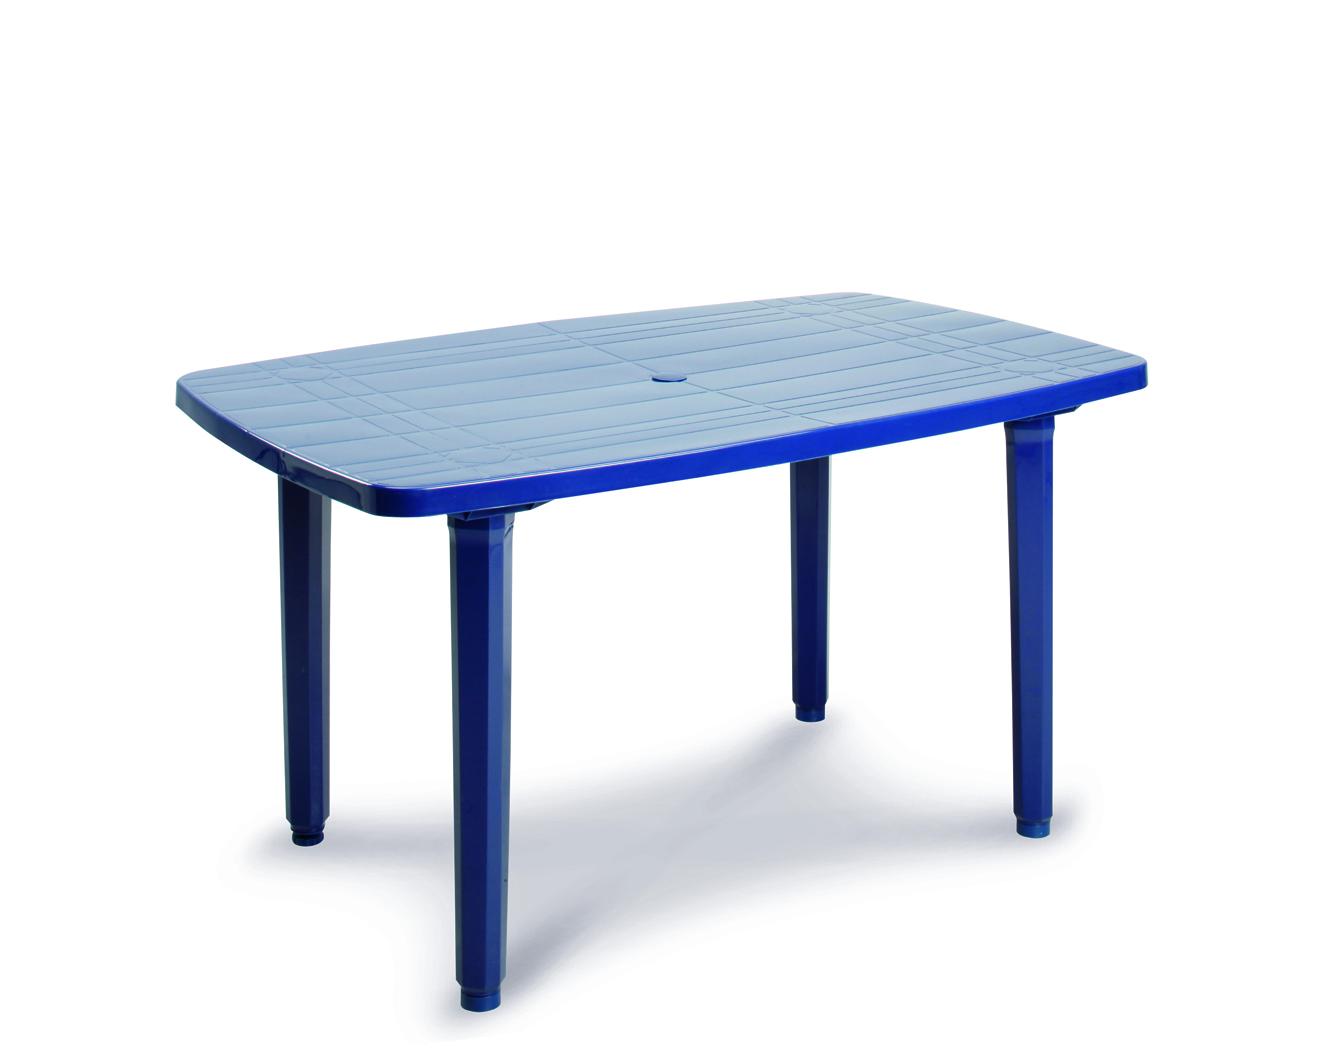 gartentisch blau eckig garten design ideen um ihr. Black Bedroom Furniture Sets. Home Design Ideas